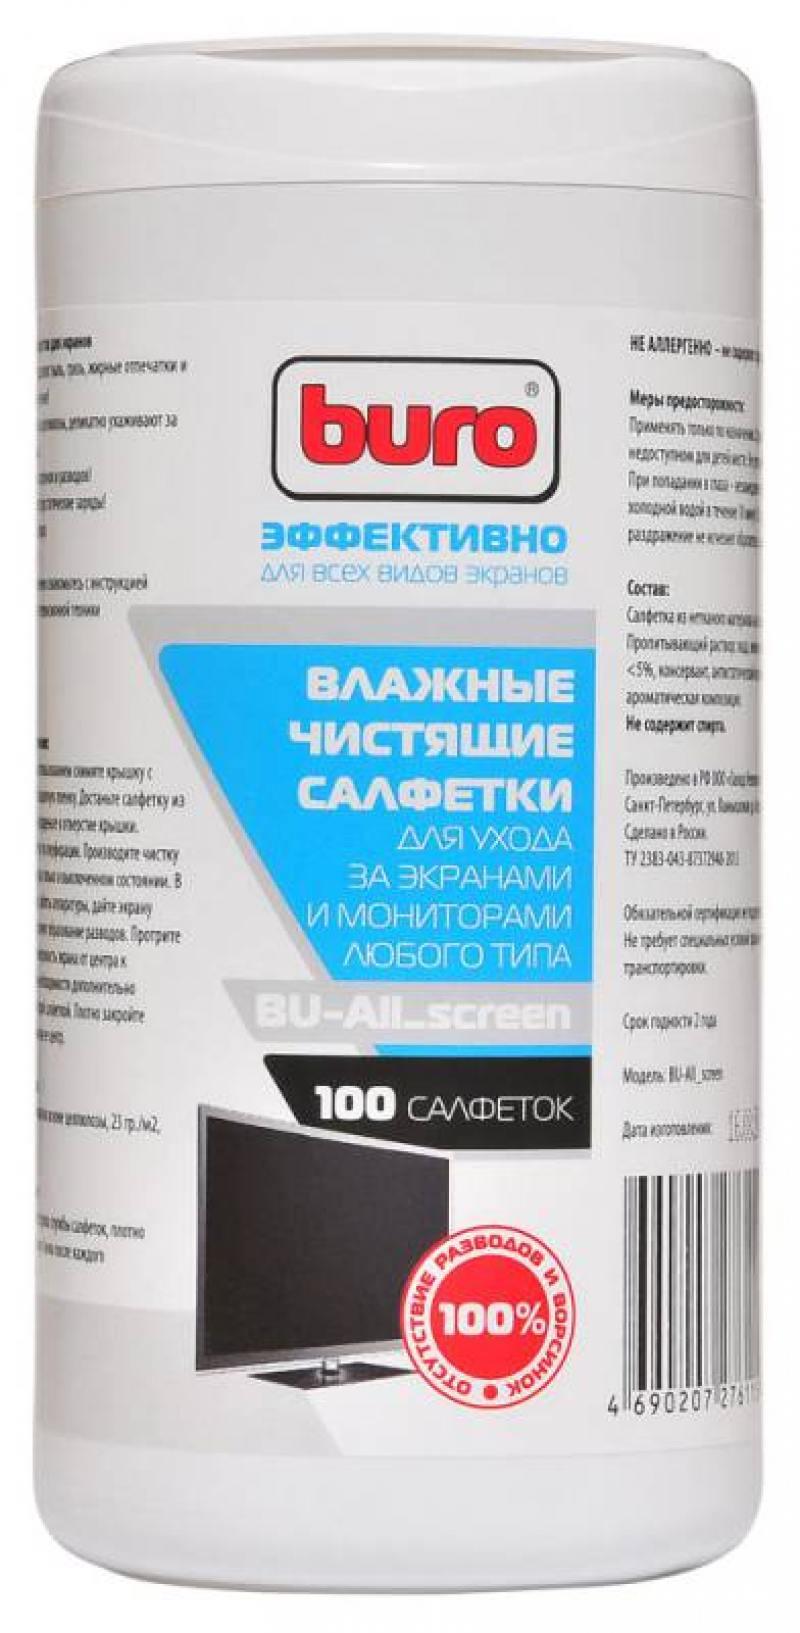 Влажные салфетки BURO BU-All_screen 100 шт